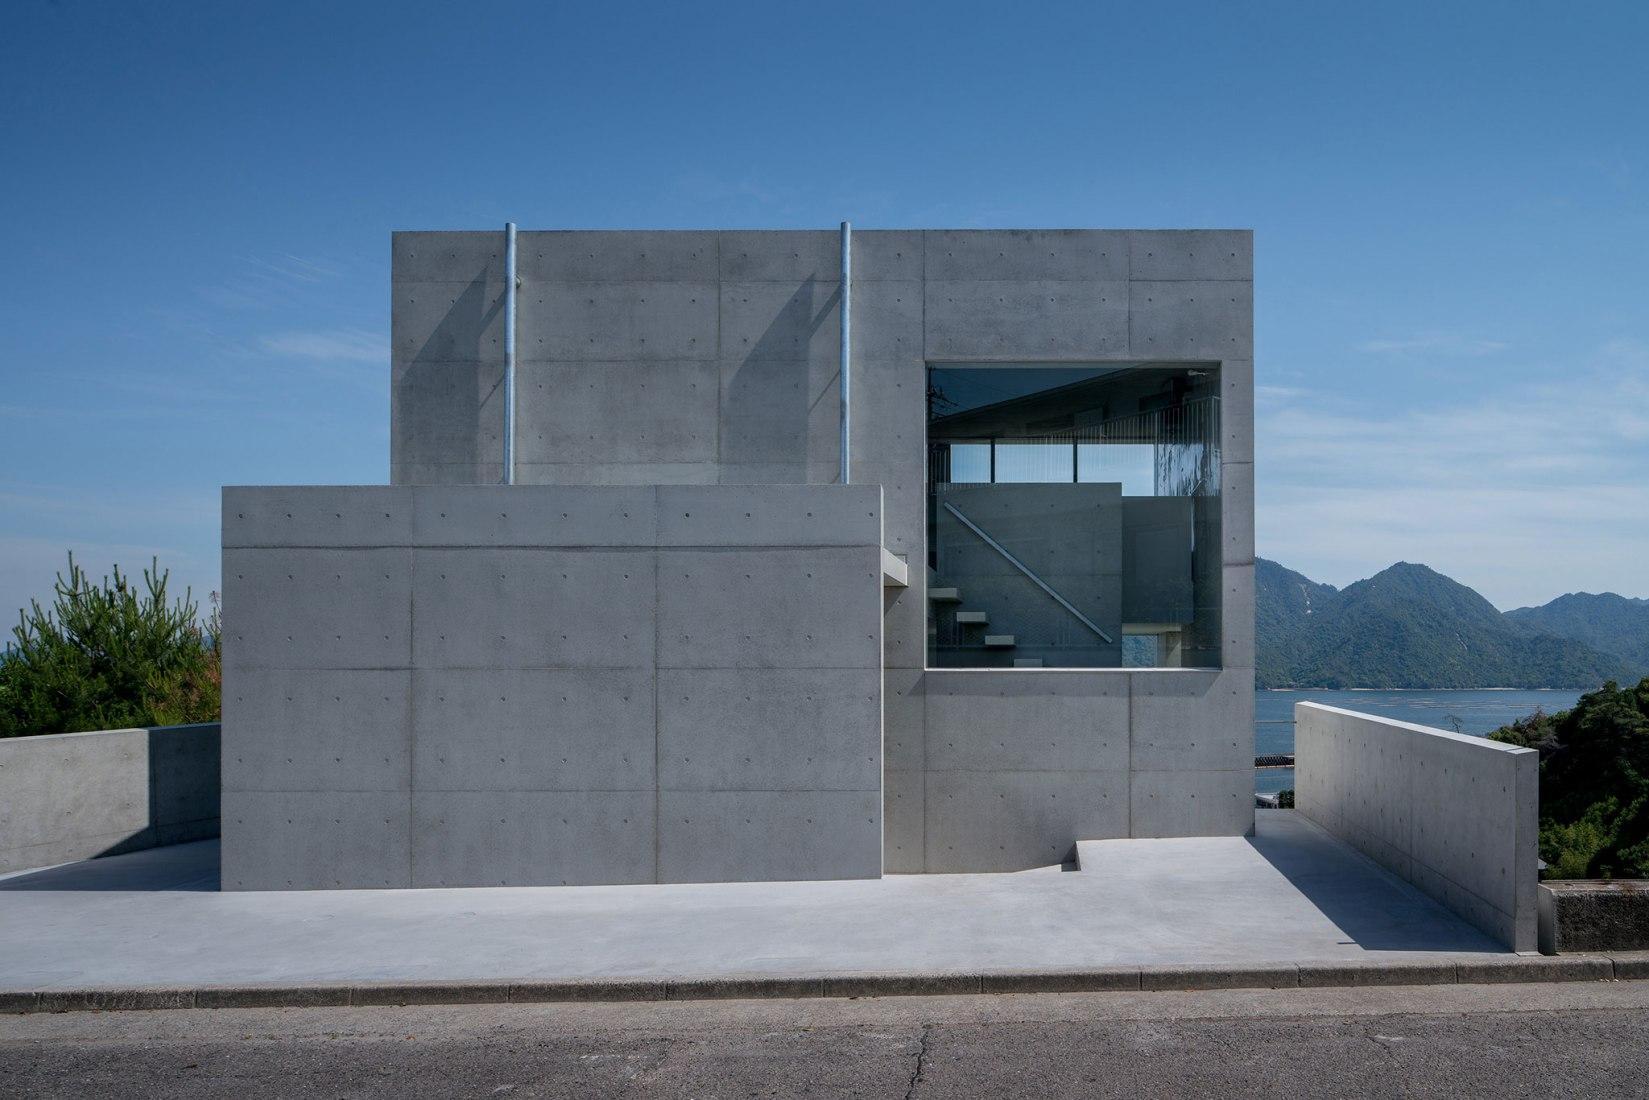 Casa en Ajina por Kazunori Fujimoto Architect & Associates. Fotografía por Kazunori Fujimoto